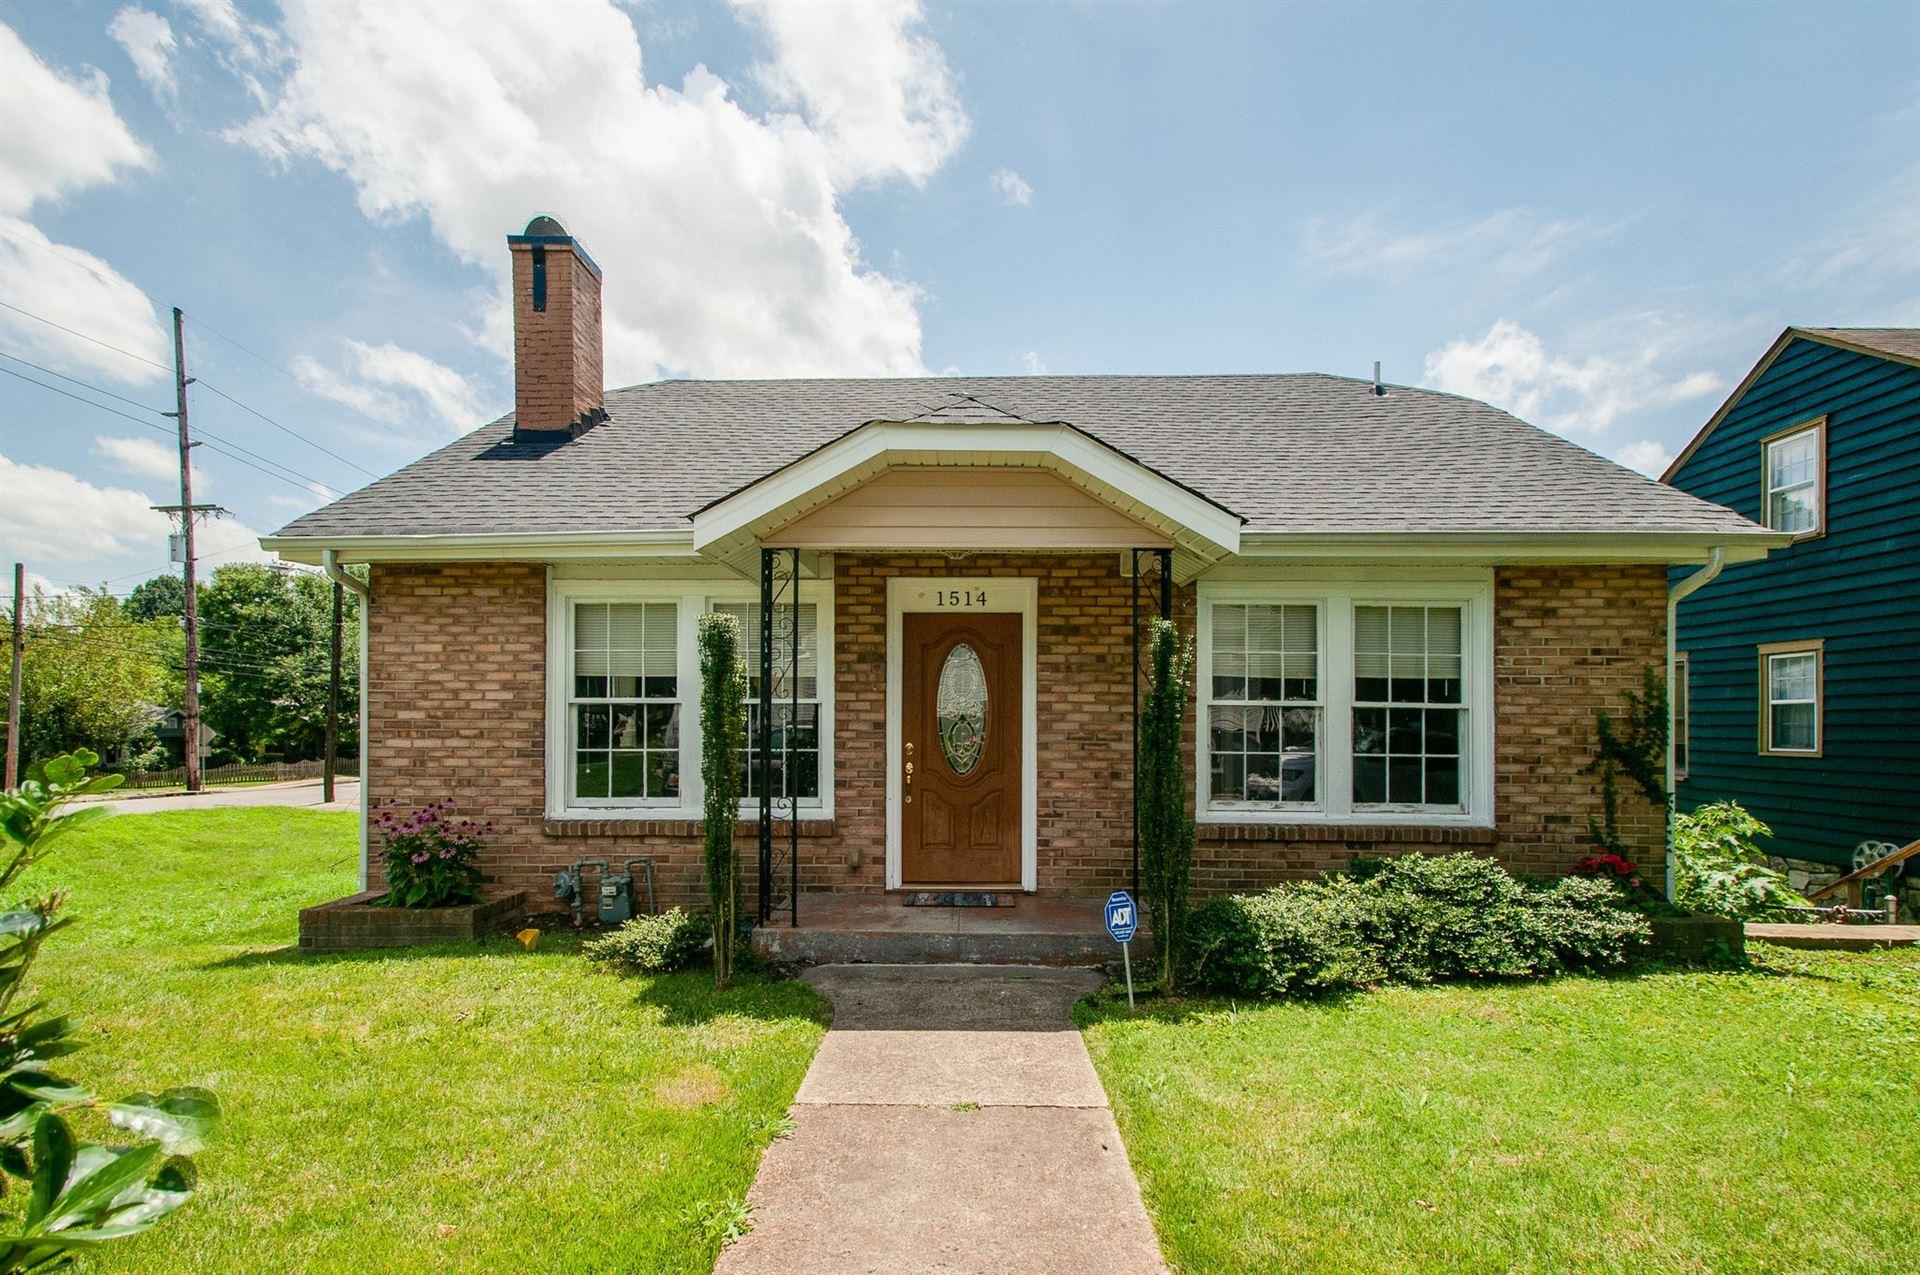 1514 Ordway Pl, Nashville, TN 37206 - MLS#: 2276177